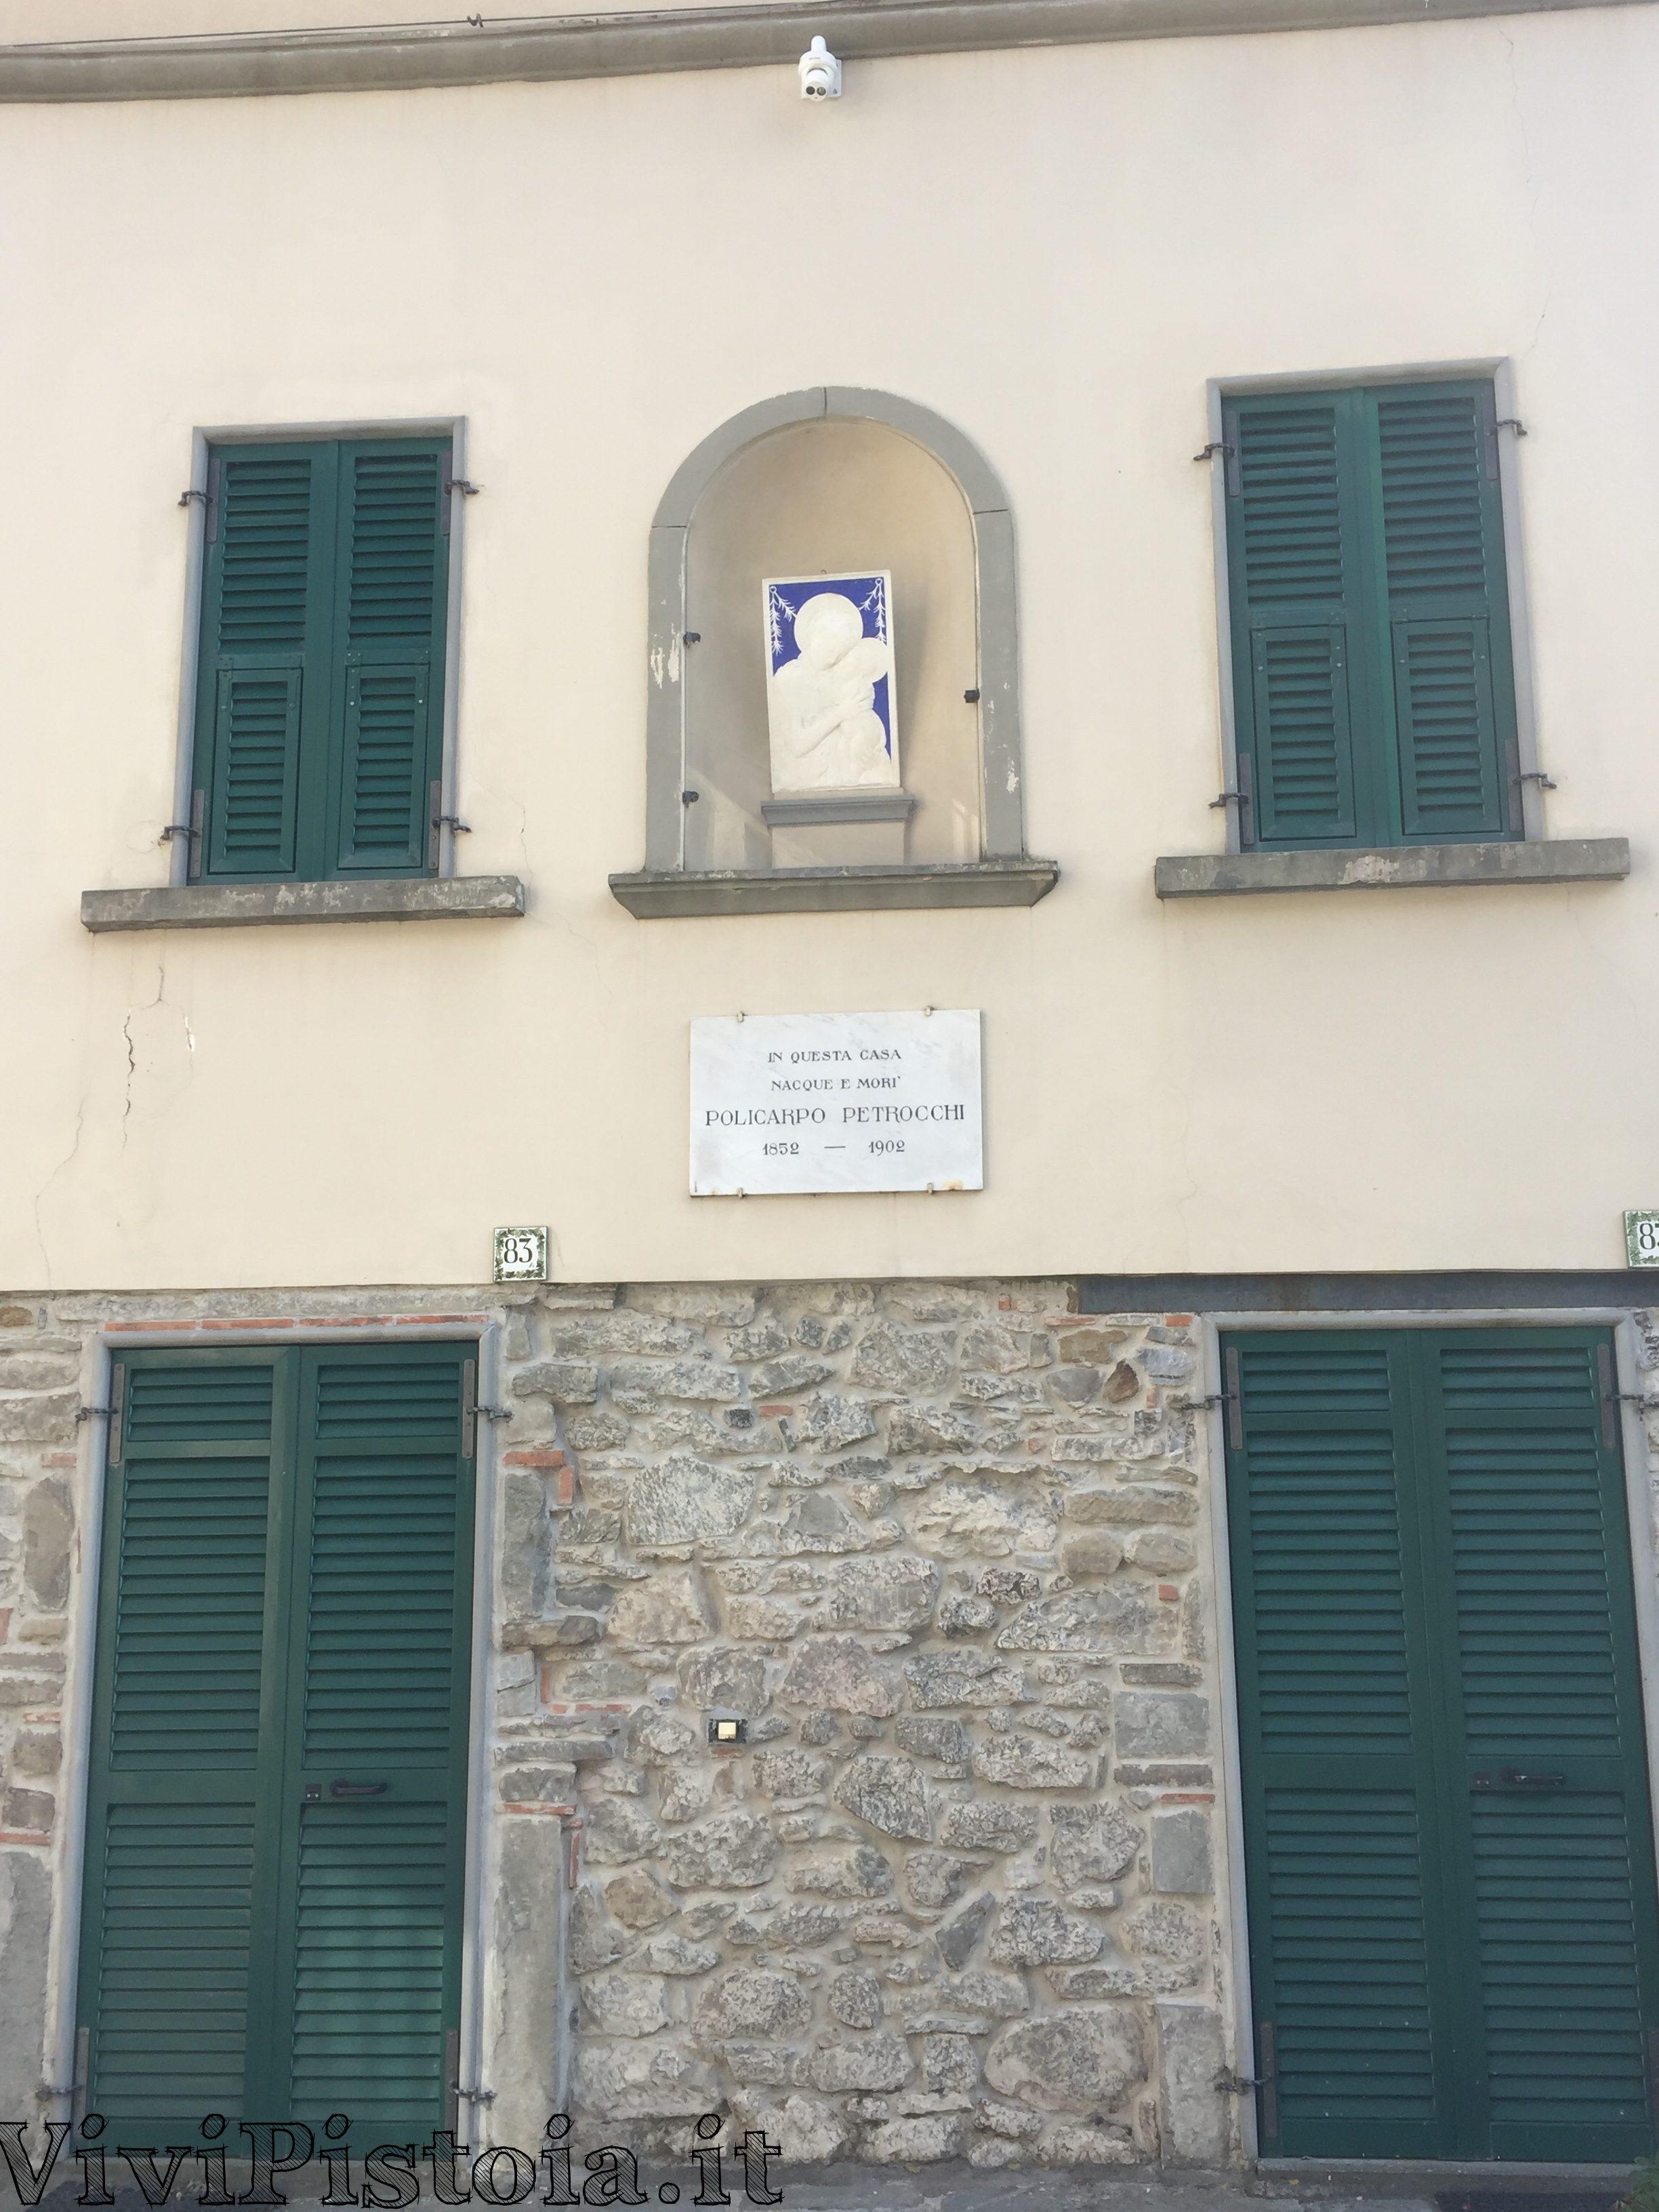 Casa di Policarpo Petrocchi